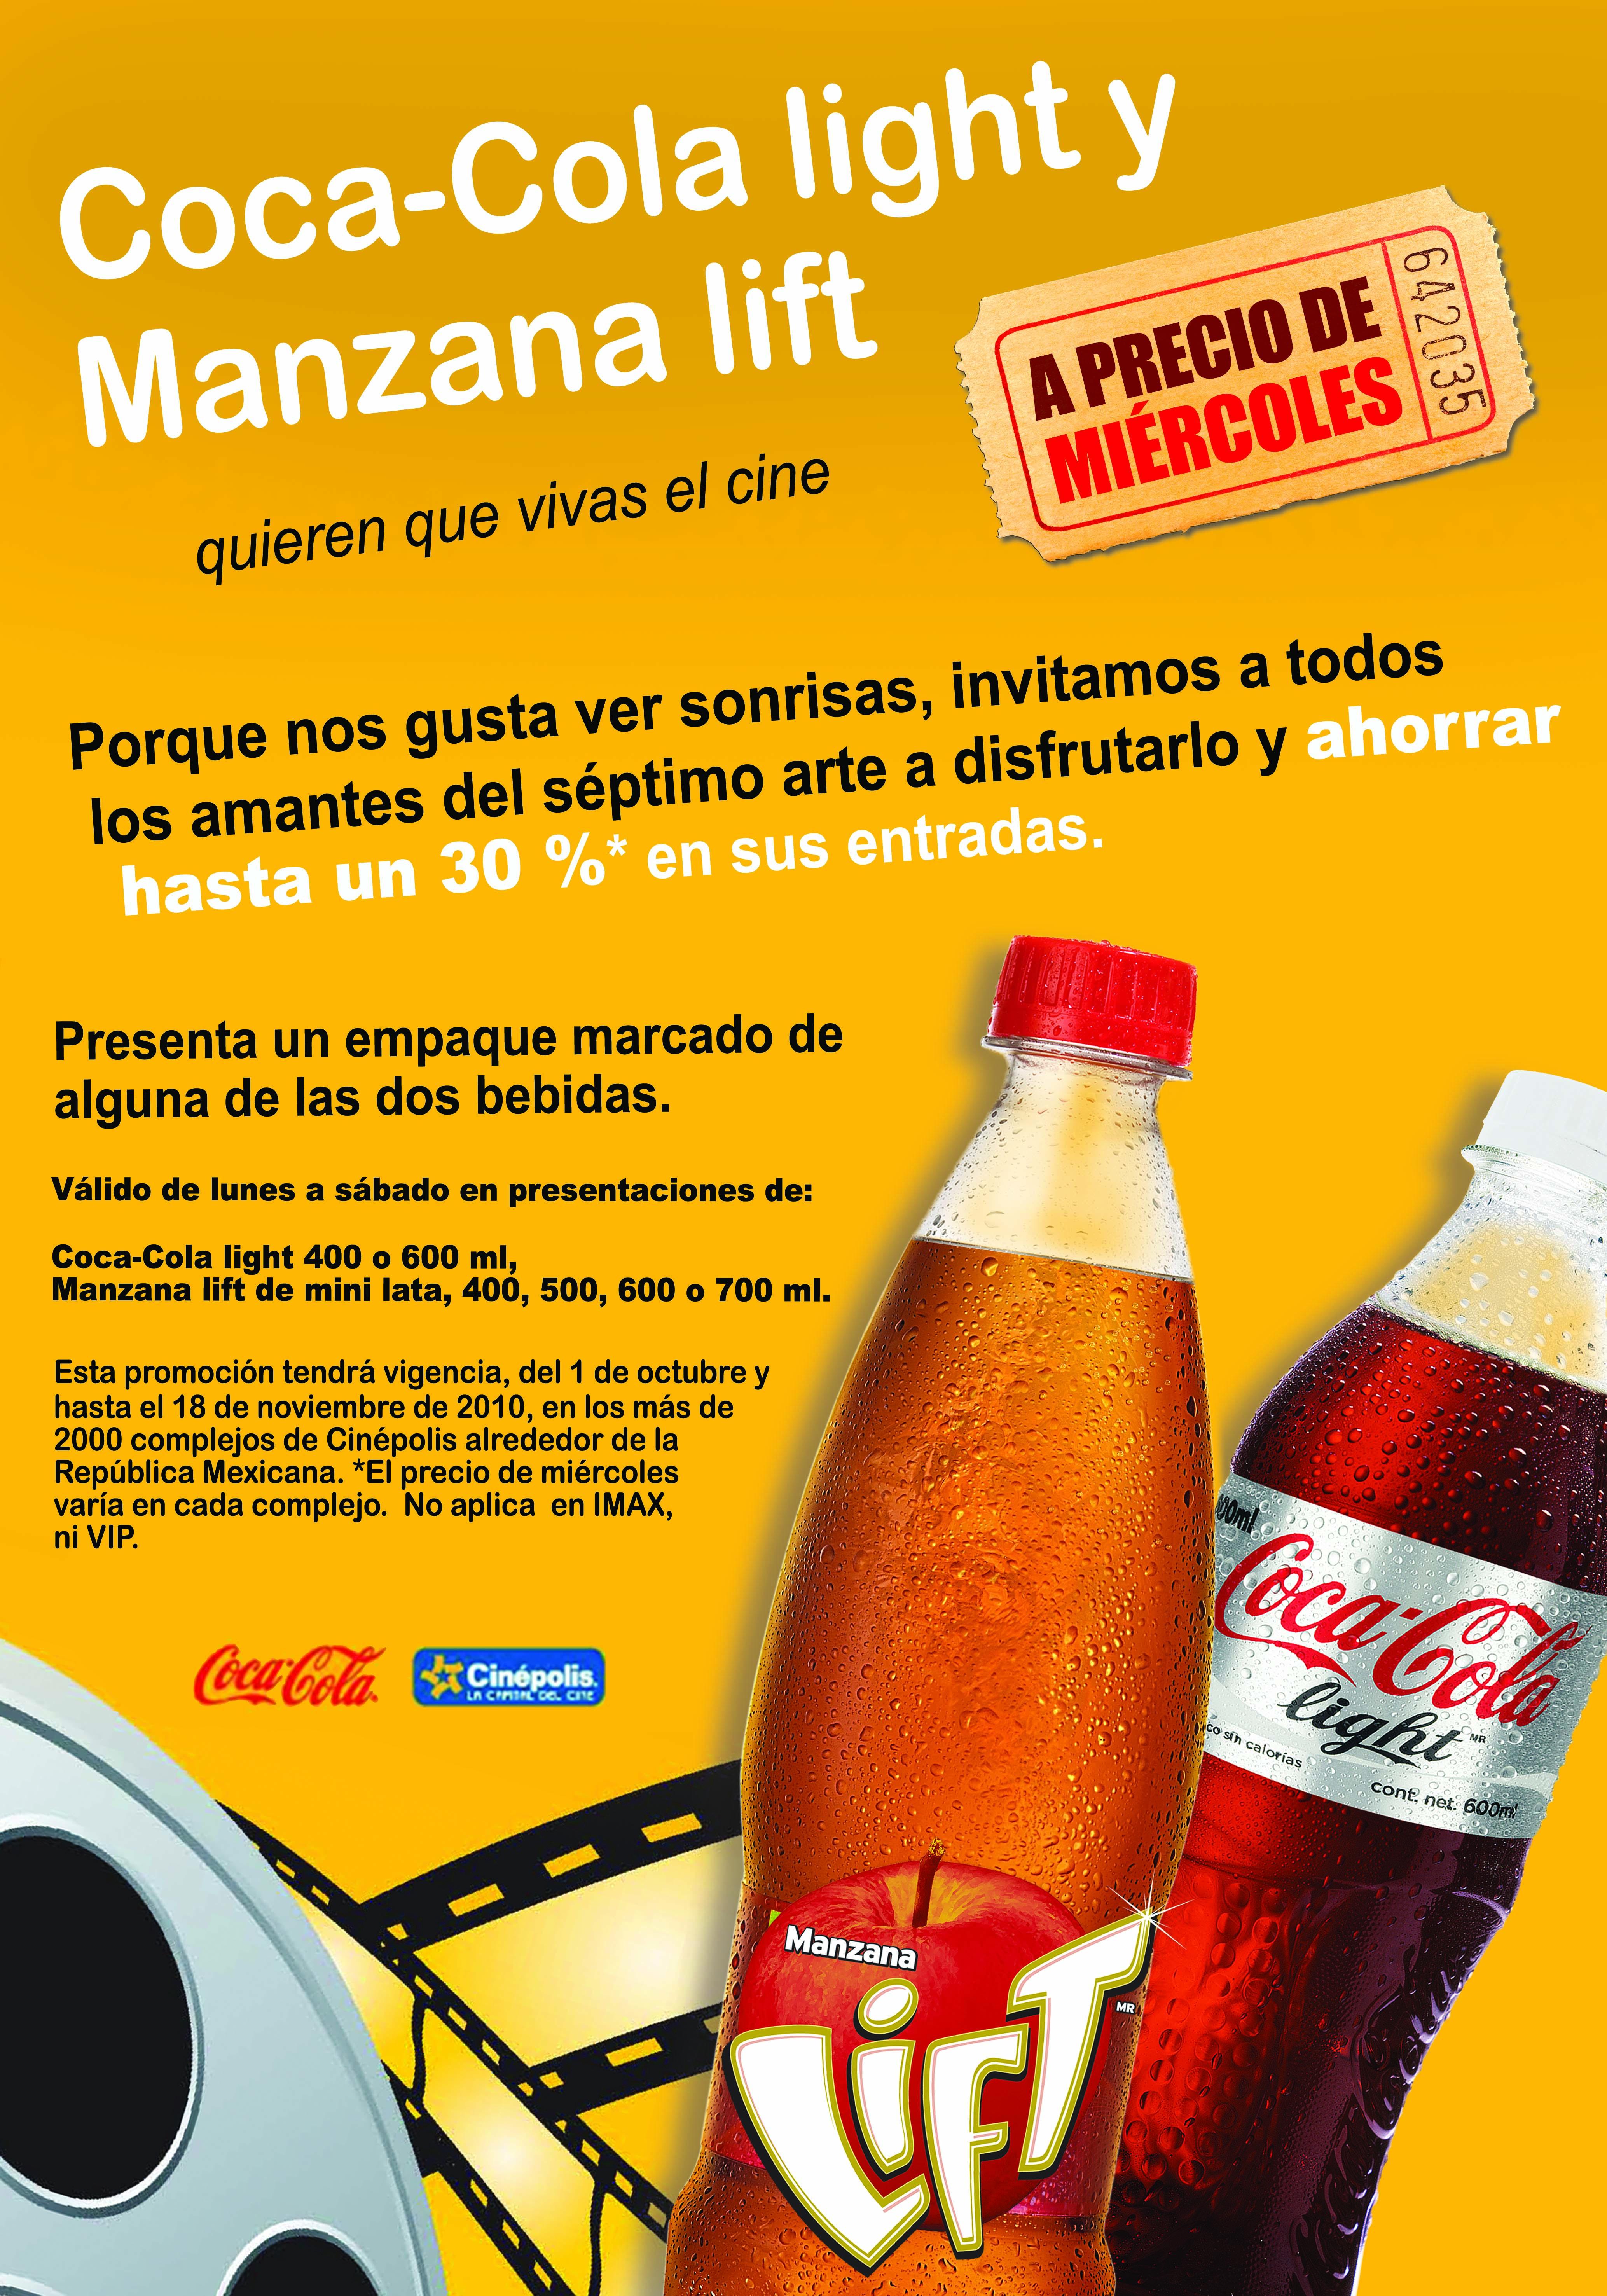 Promoci n coca cola light y cin polis revista merca2 0 for Cines arenys precios